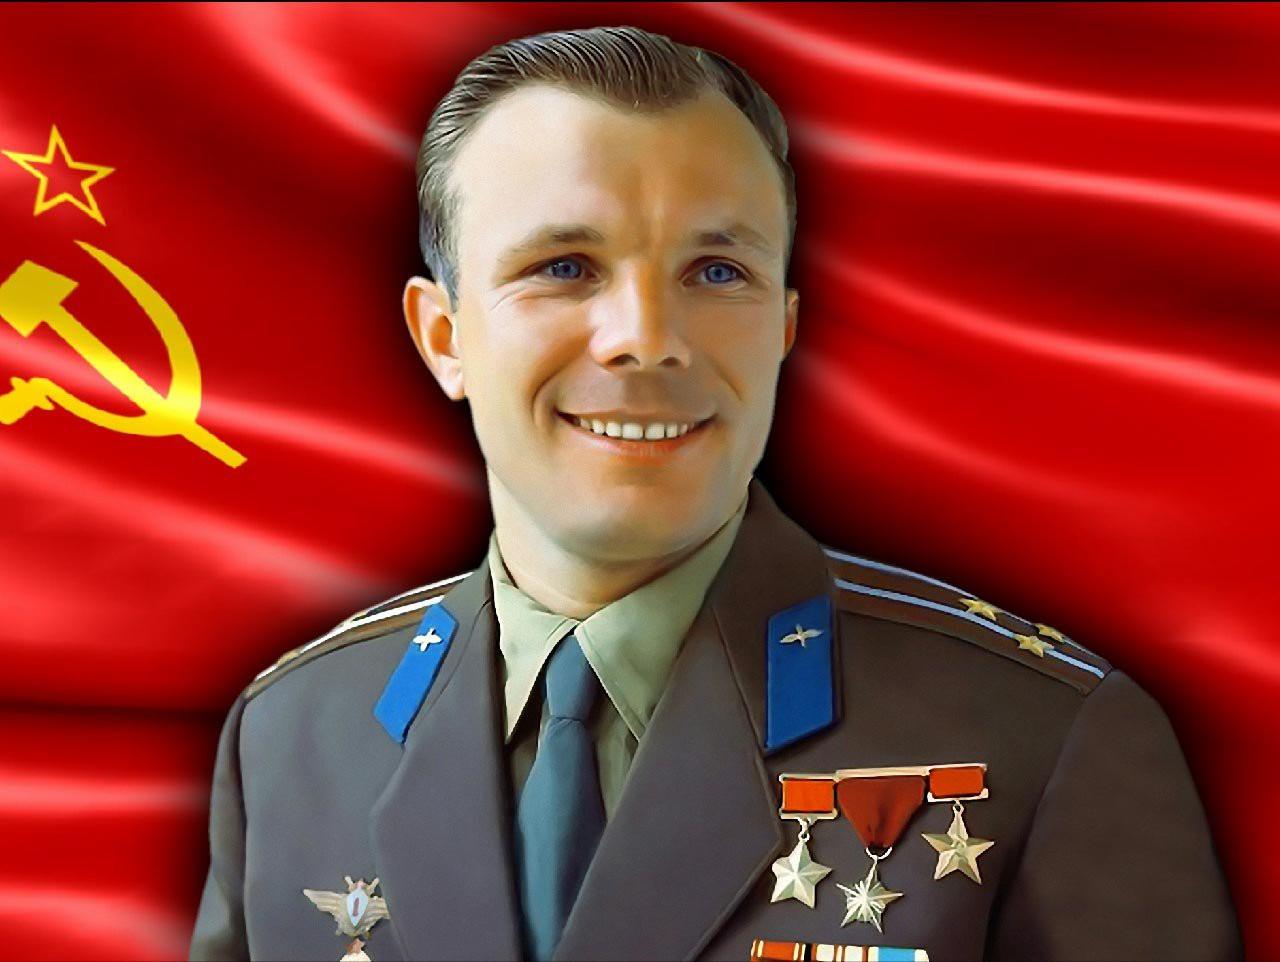 Yuri Gagarin HQ wallpapers